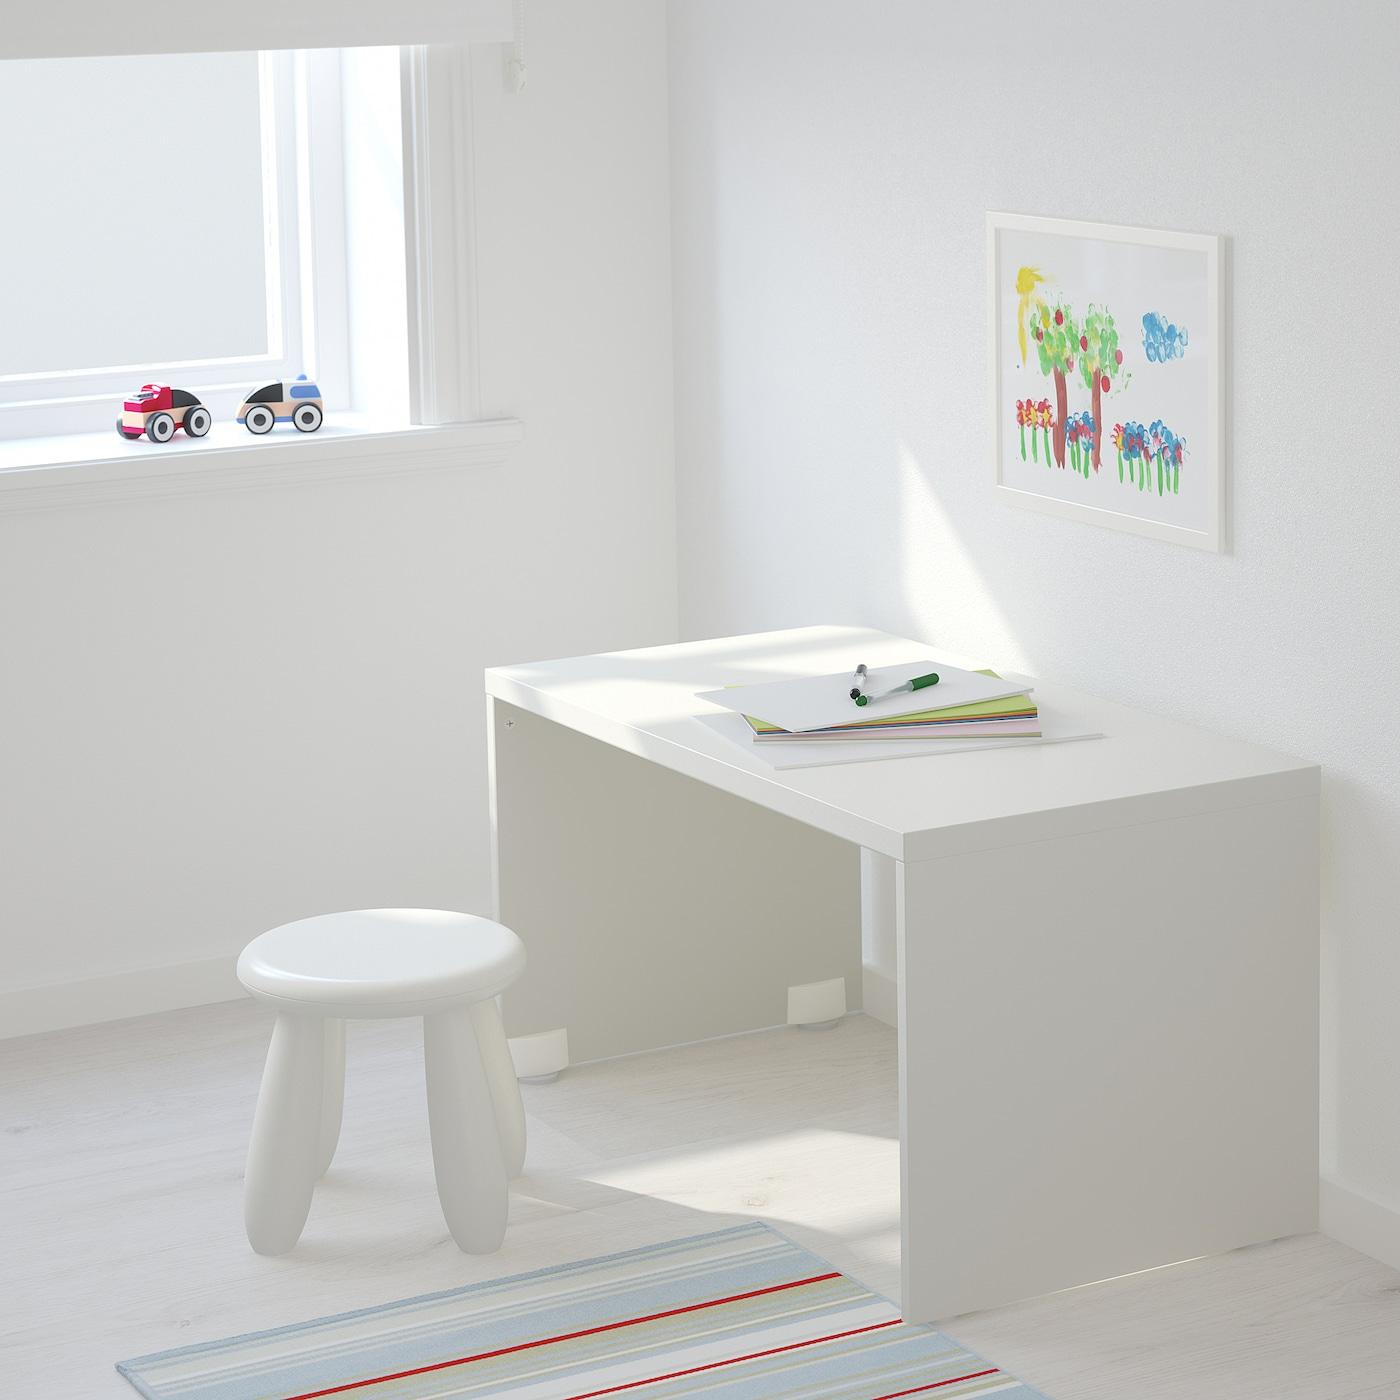 Full Size of Betten Ikea 160x200 Sofa Mit Schlaffunktion Küche Kosten Kaufen Modulküche Bei Miniküche Wohnzimmer Ikea Küchenbank